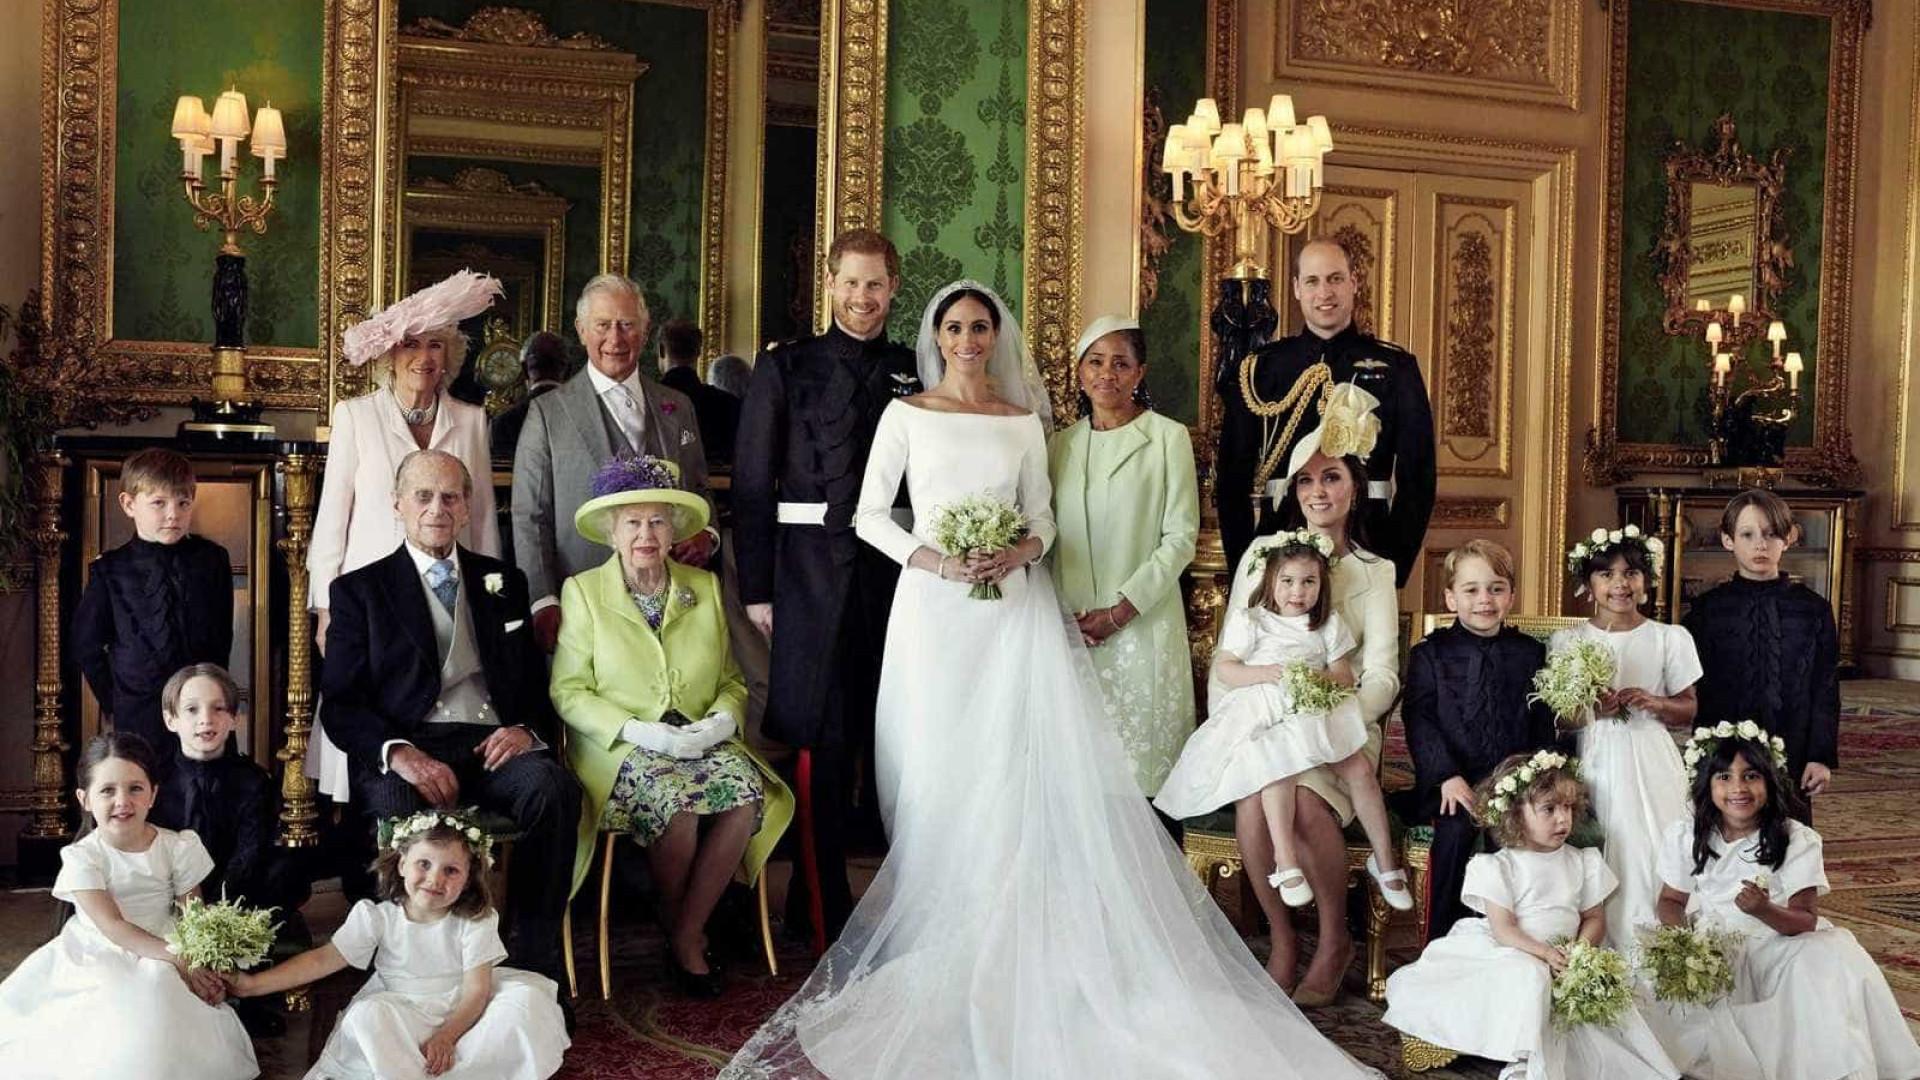 Harry e Meghan divulgam as fotos oficiais do casamento real